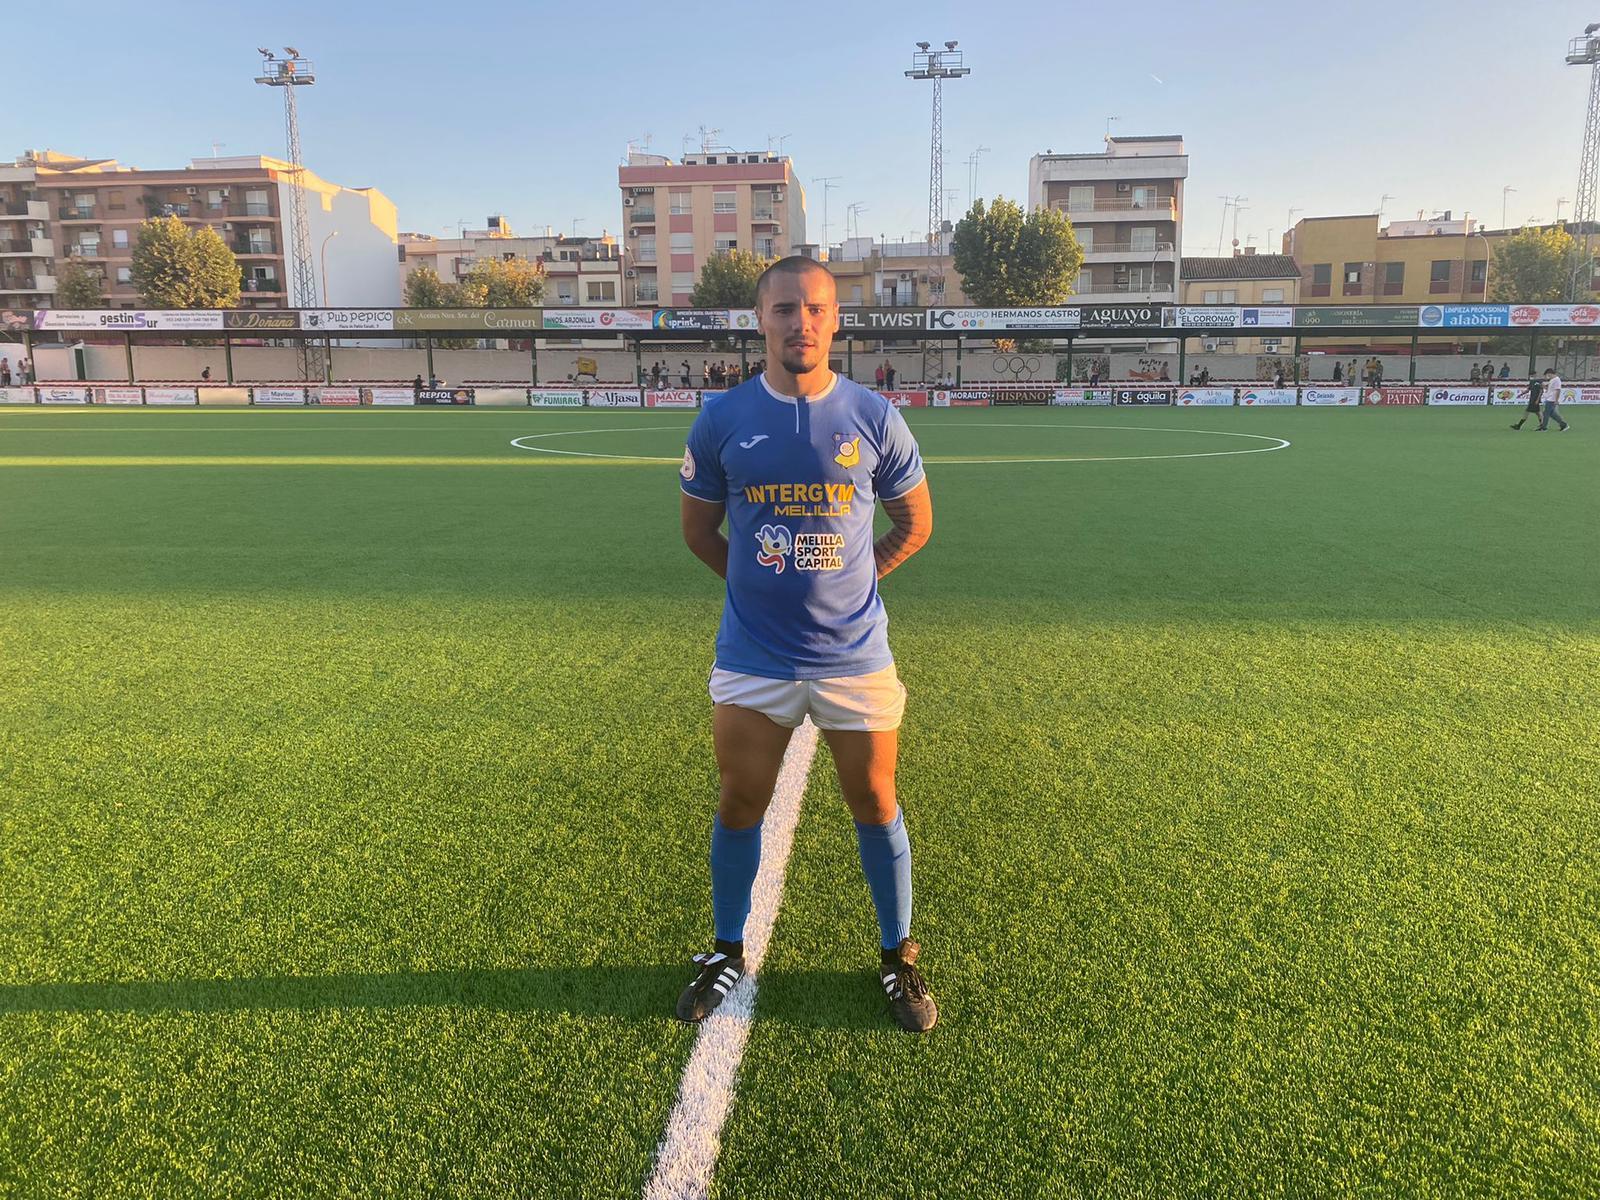 Yeison Alejandro debuta en la 3ª división con el Intergym